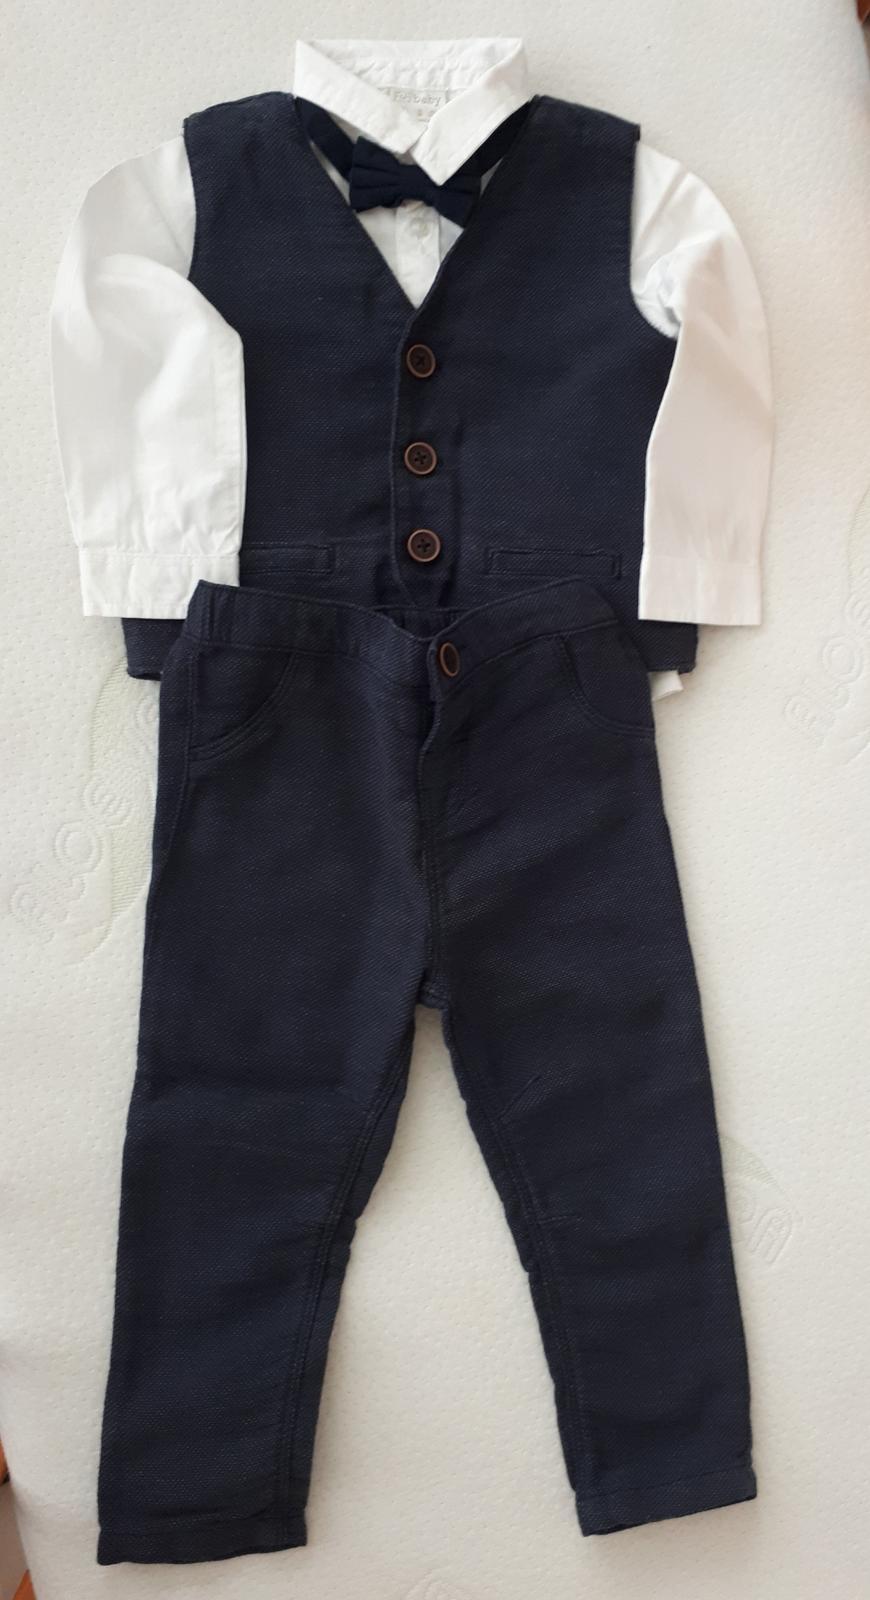 Chlapecký oblek 12-18m - Obrázek č. 1